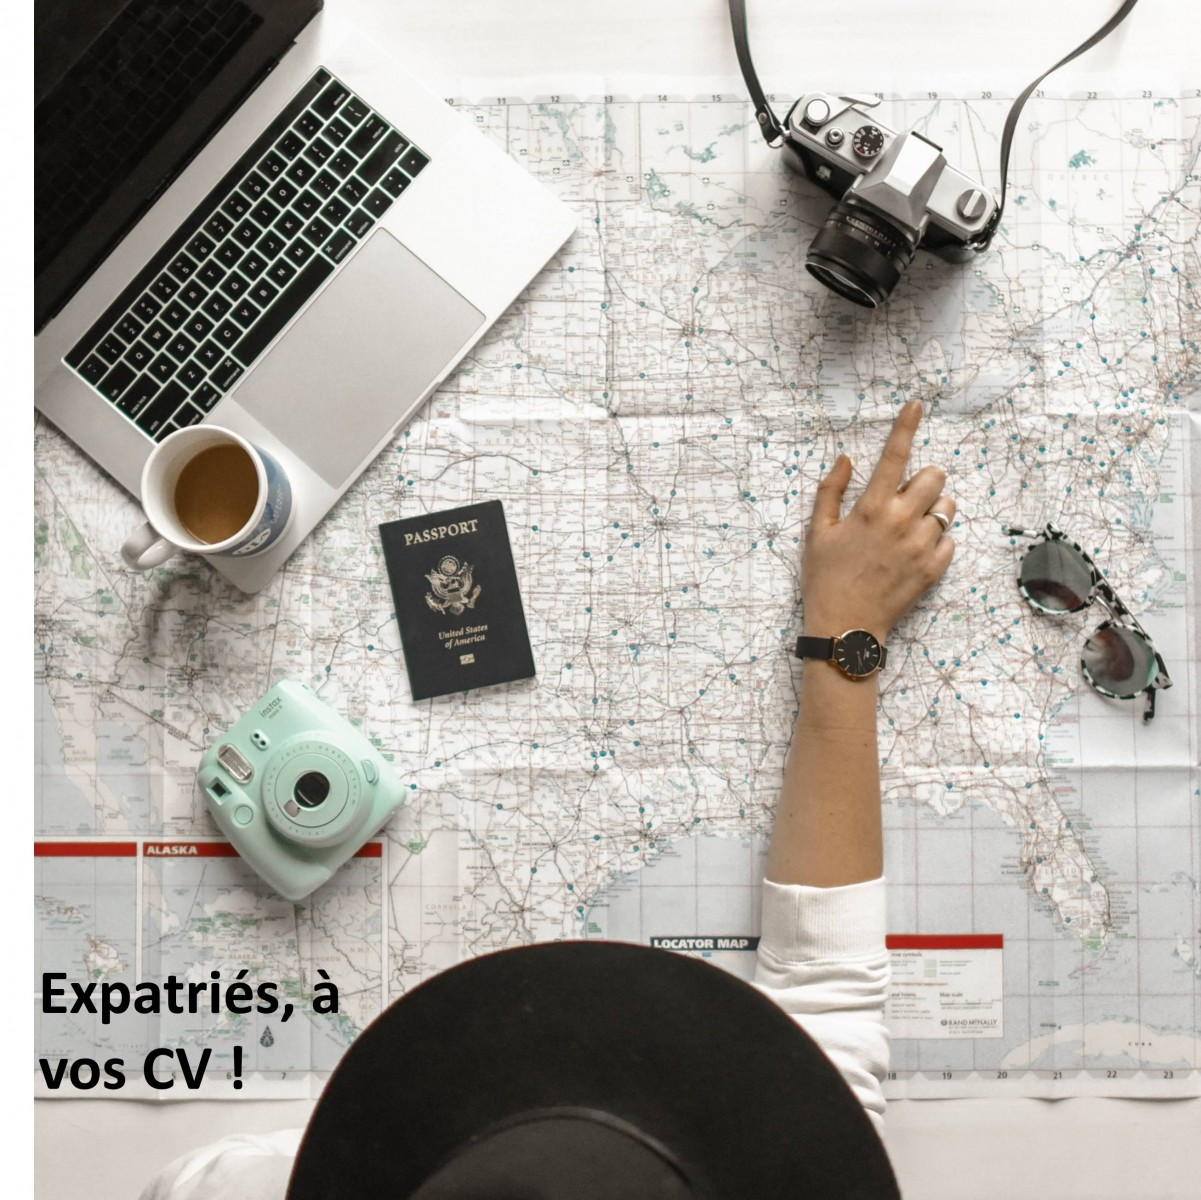 cv expatriés